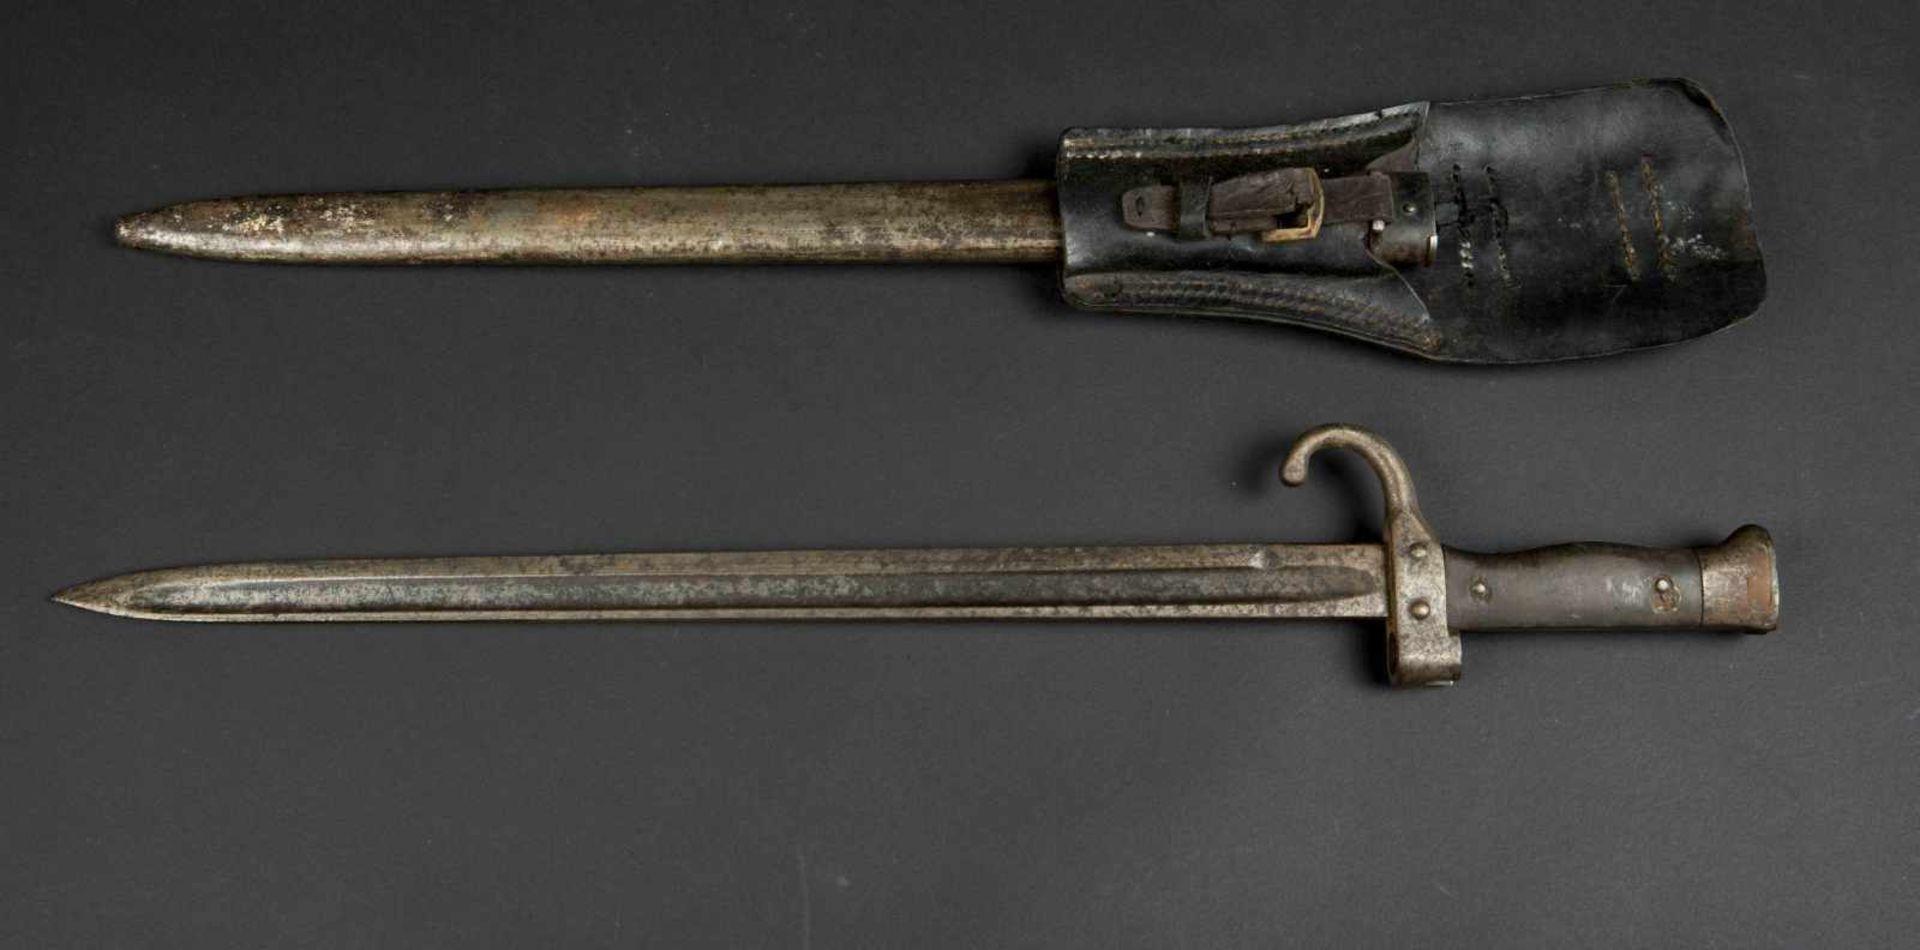 Lot de deux baïonnettes modèle 1892 pour mousqueton bon état et état moyen, porte-épées modèle - Bild 2 aus 4